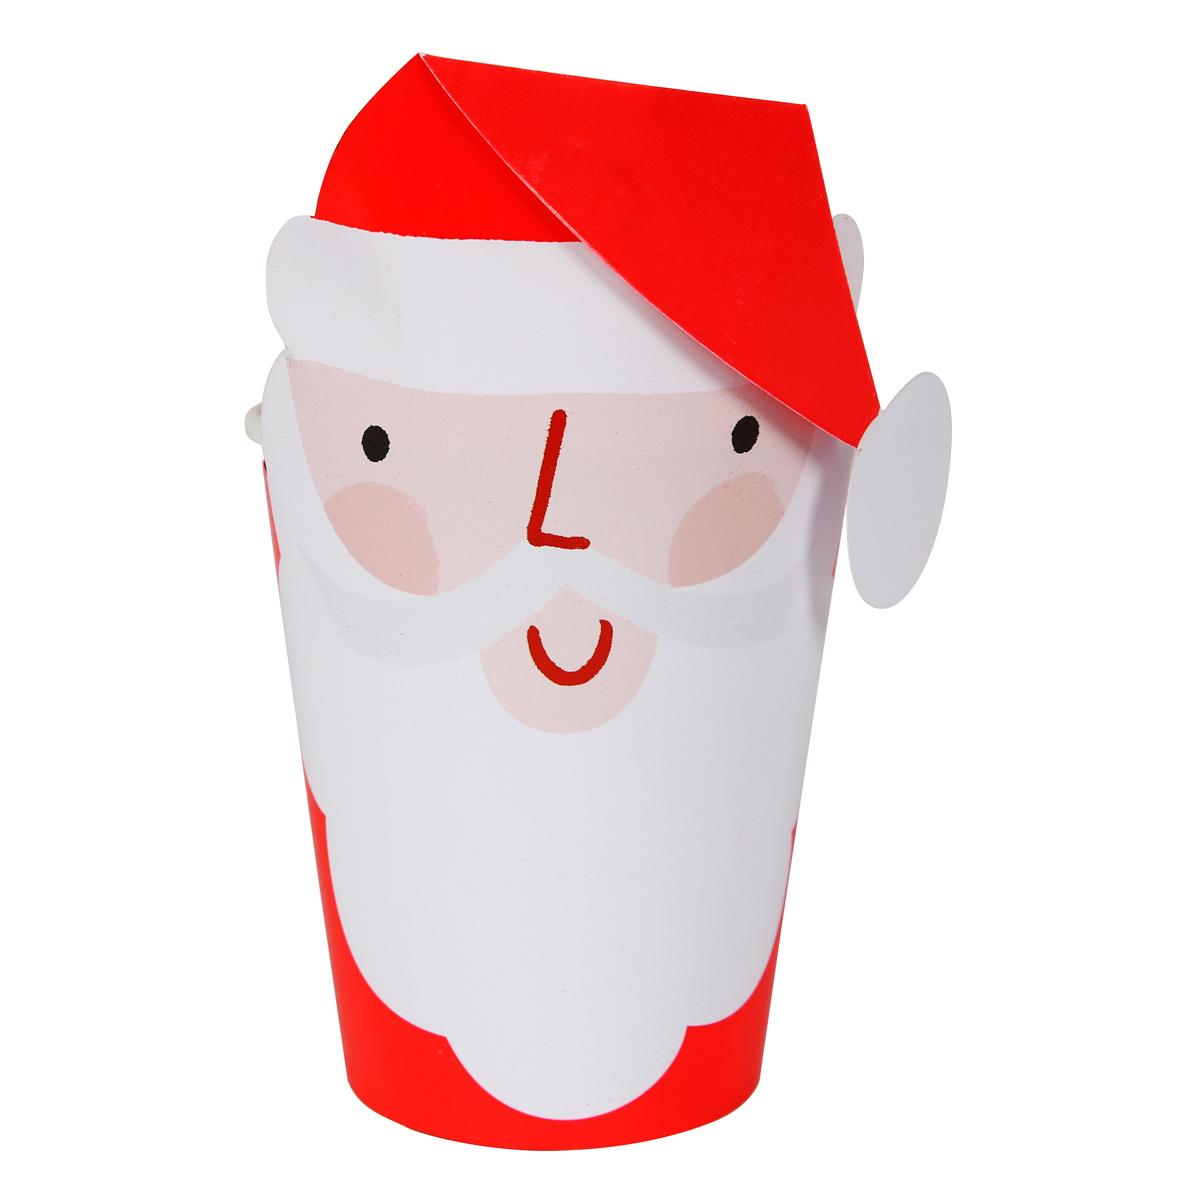 Anniversaire & Fête Lot de 8 Gobelets avec Étuis Père-Noël Lot de 8 Gobelets avec Étuis Père-Noël